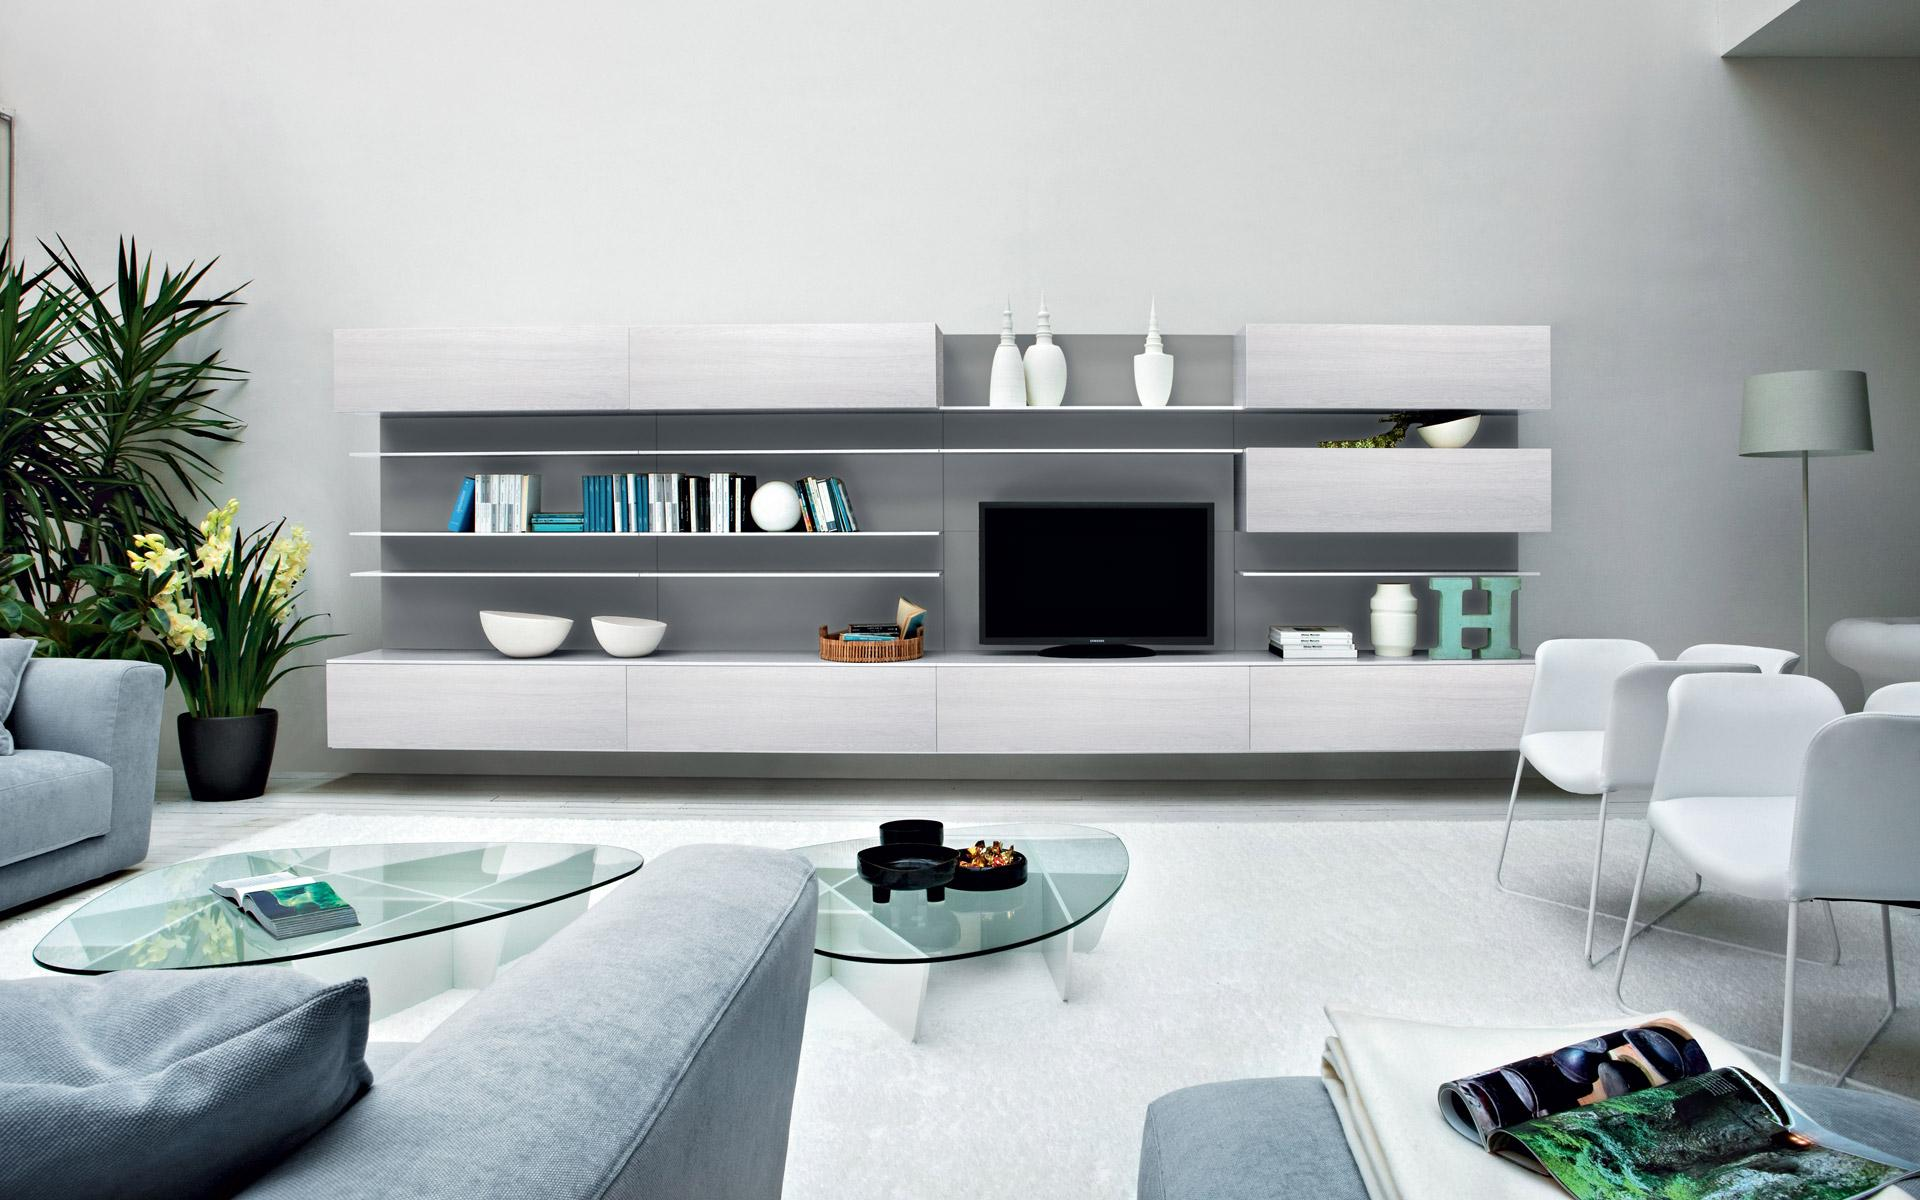 Best Arredamento Soggiorno Prezzi Ideas - Idee Arredamento Casa ...